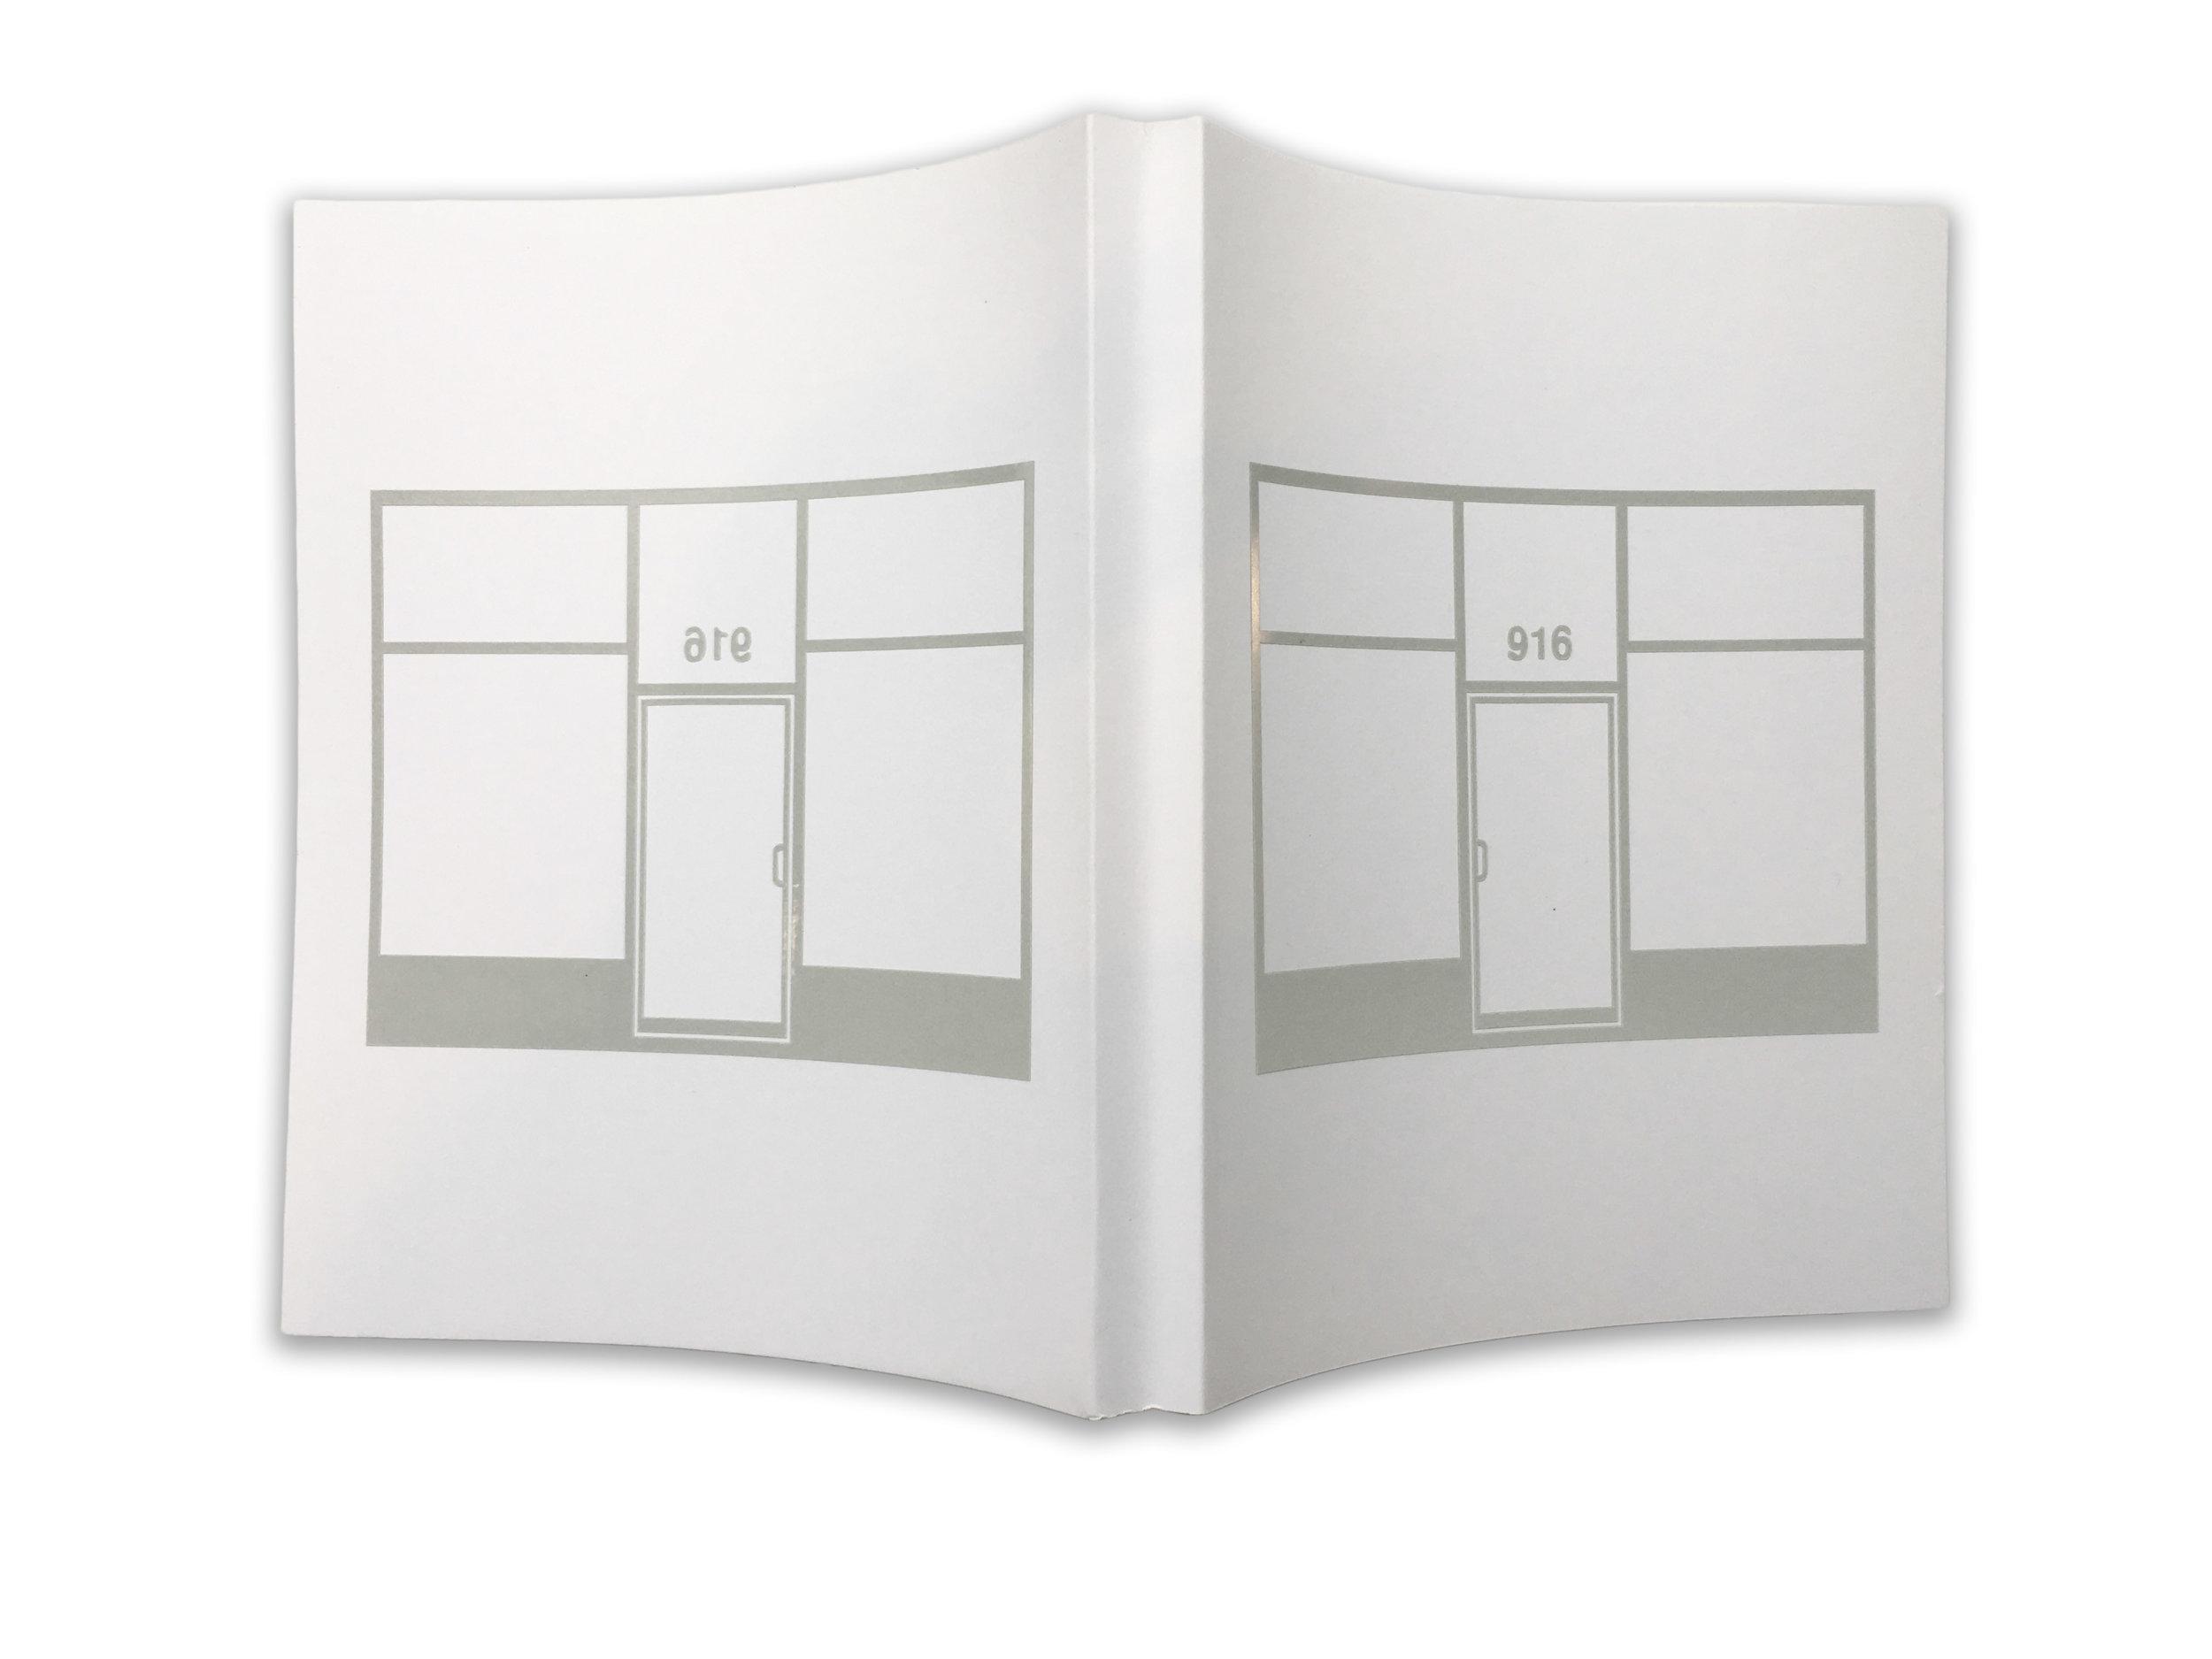 fernwey book 3.jpg